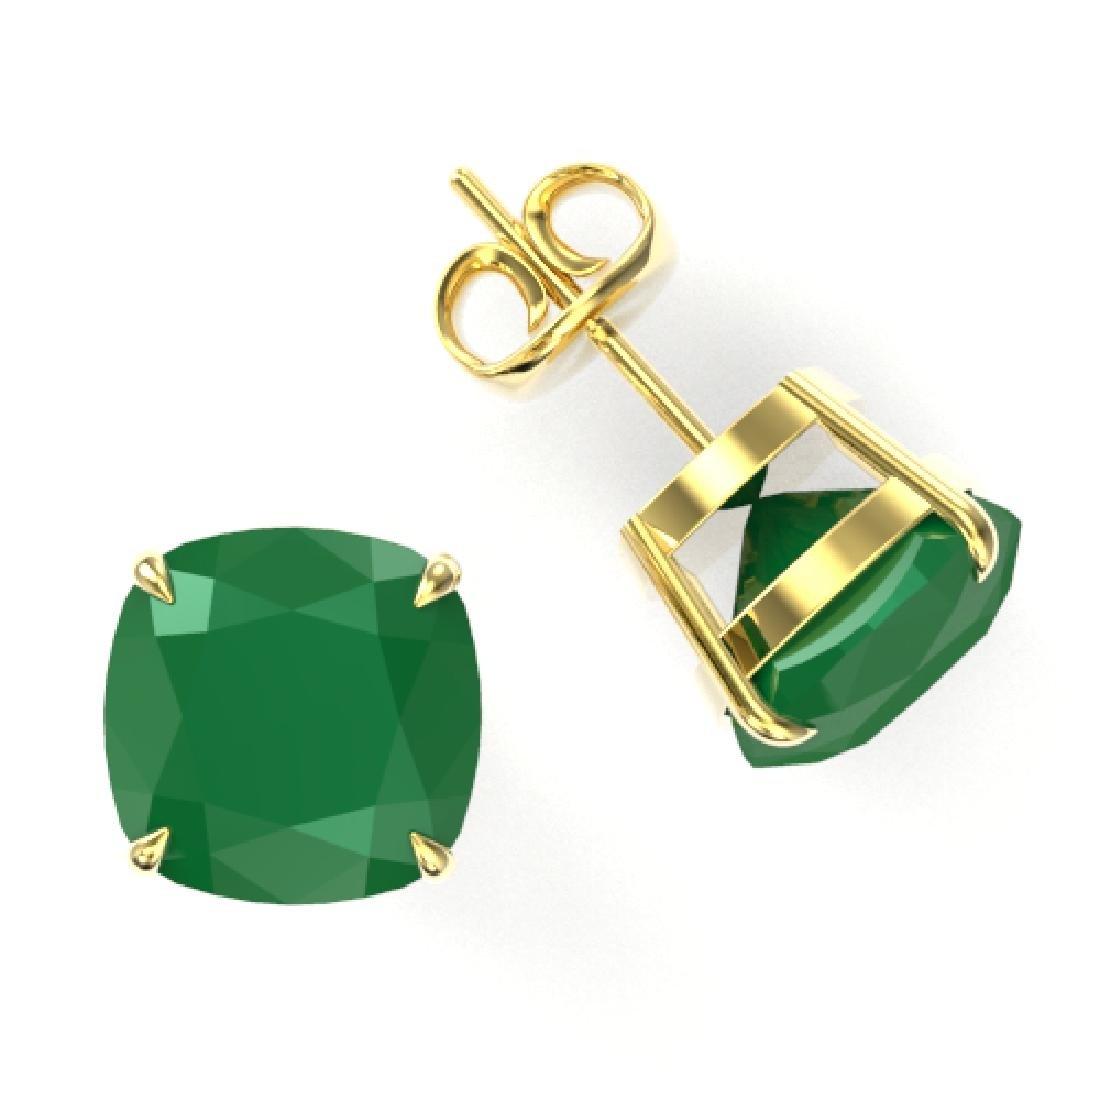 12 CTW Cushion Cut Emerald Designer Solitaire Stud - 2